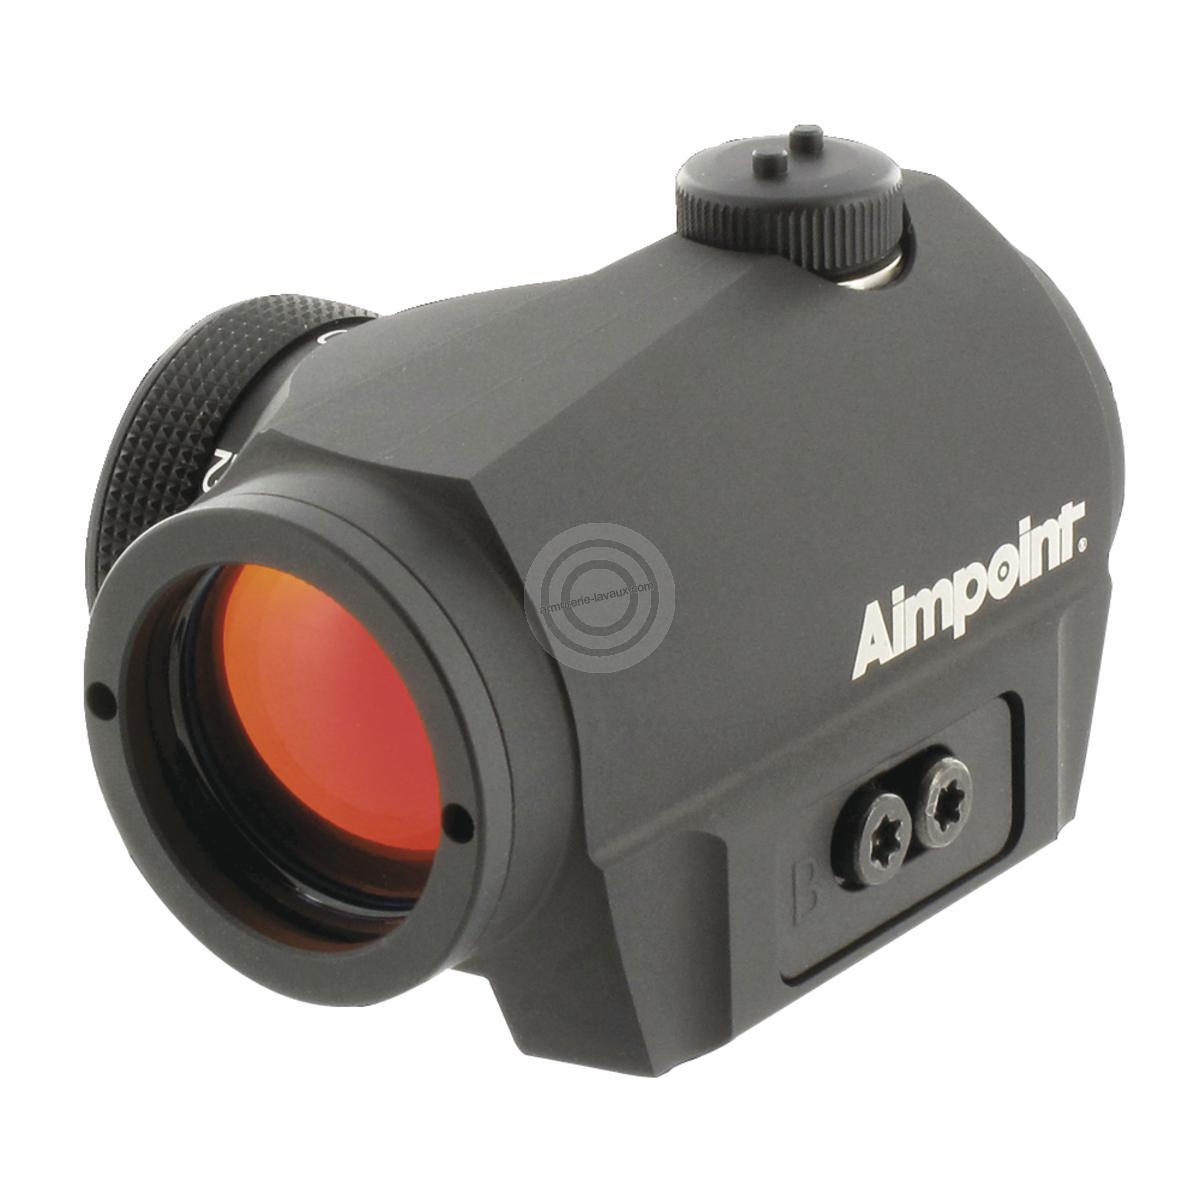 Viseur point Rouge AIMPOINT MICRO S1 6MOA (spécial fusil de chasse)